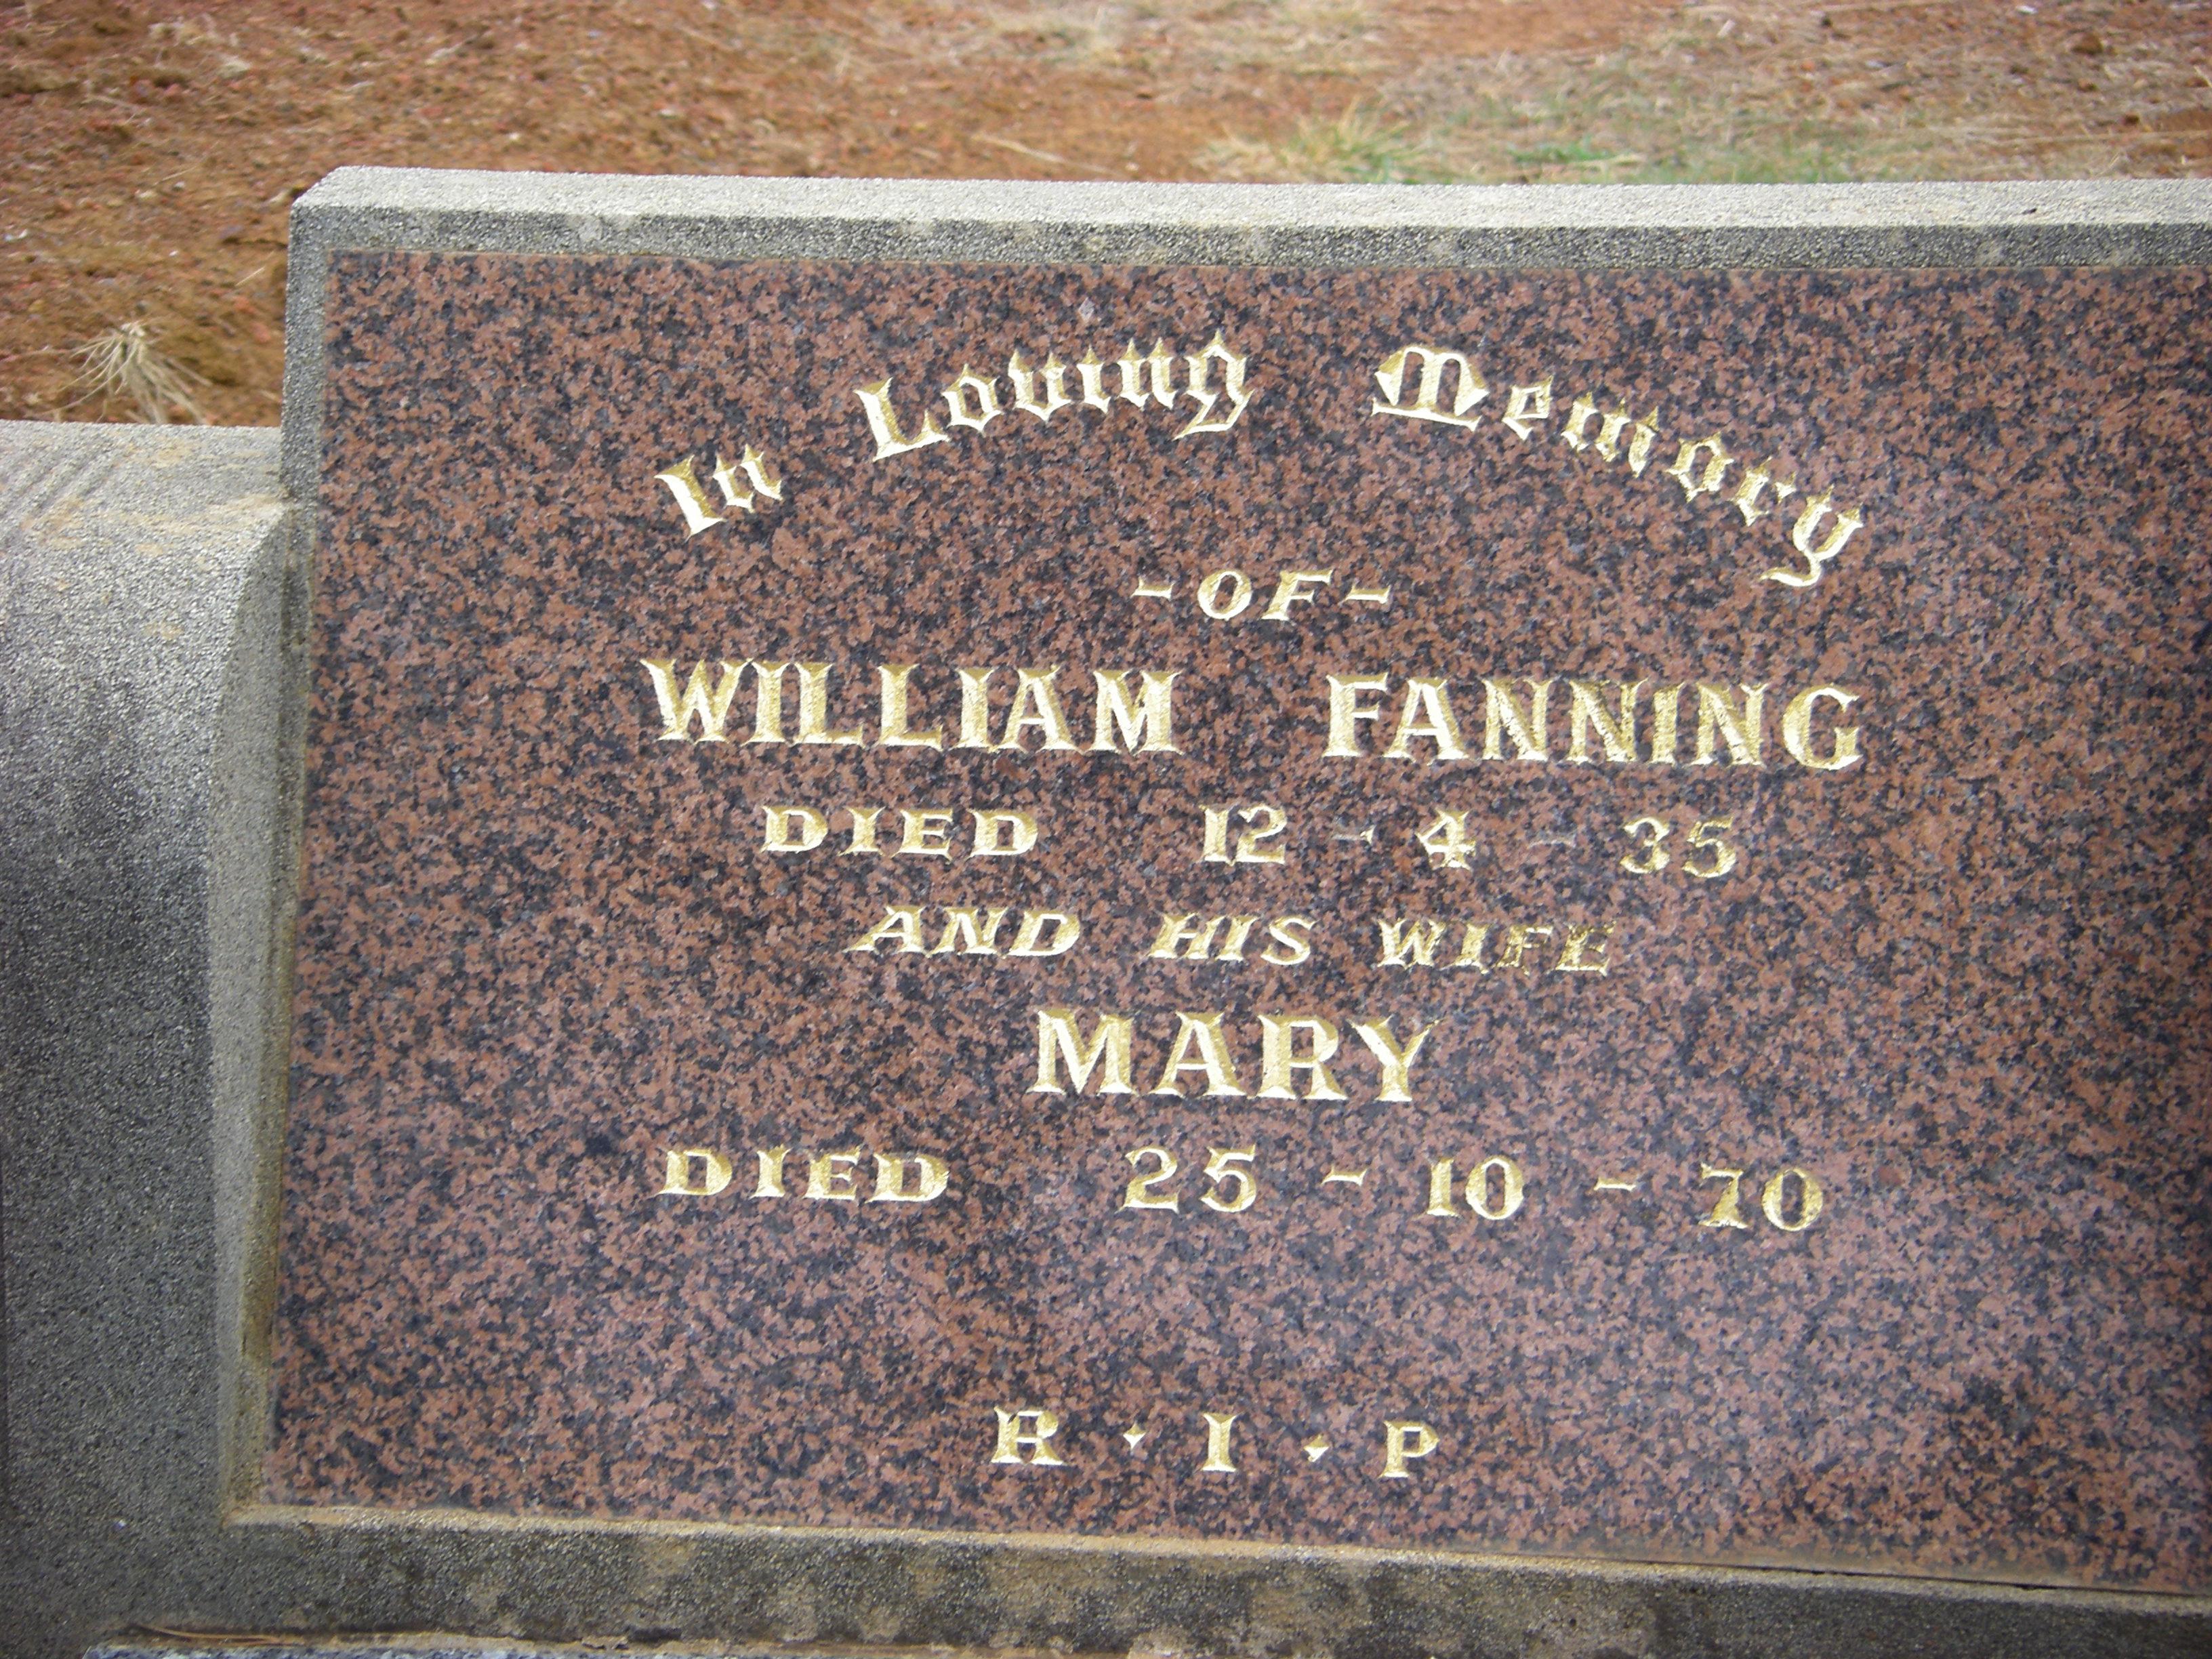 William Fanning 1935 & Mary (Daisy) Fanning 1970 Bulla Cem.